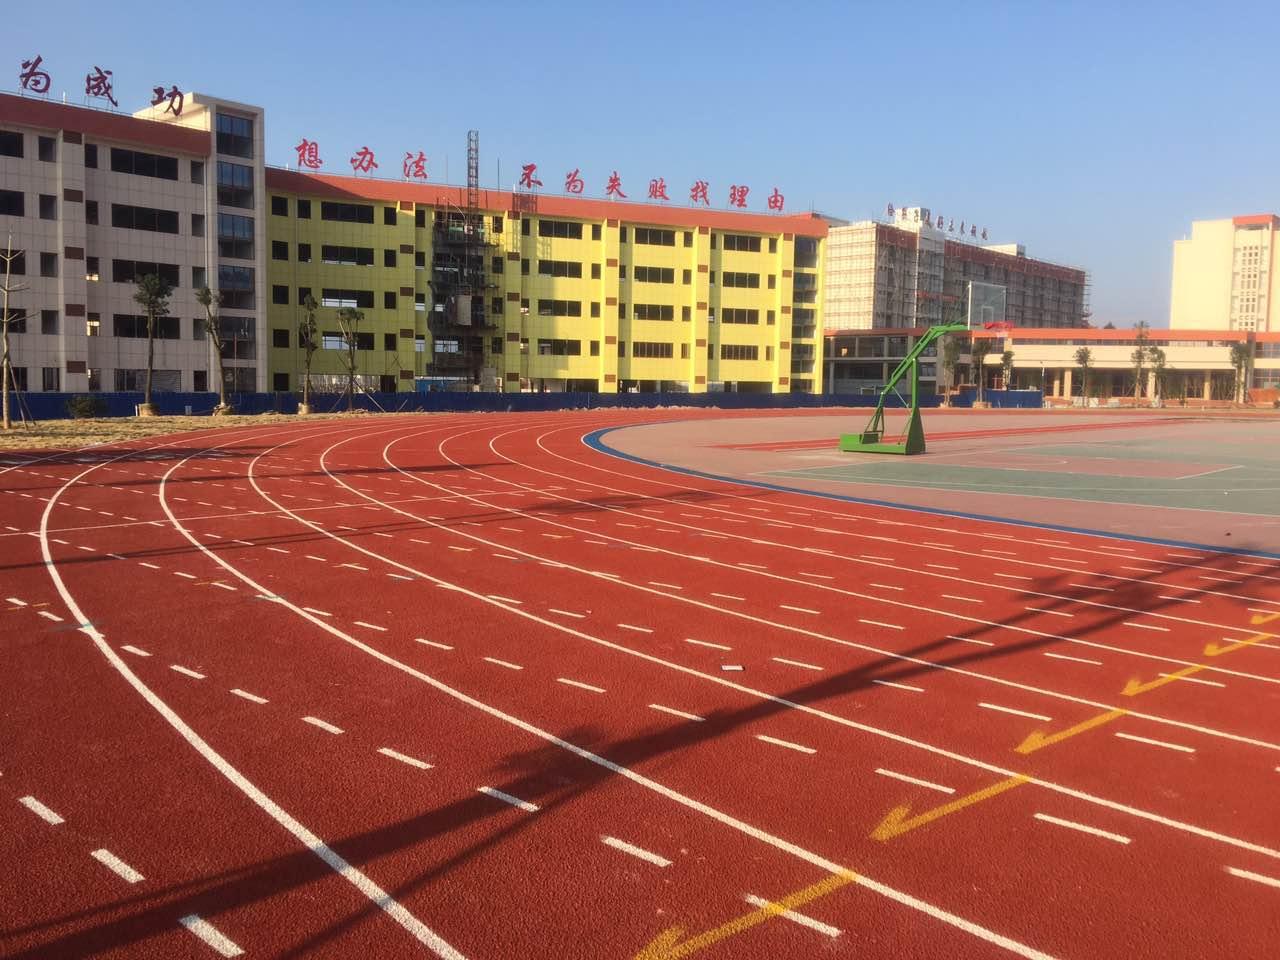 湖北省孝感市塑胶跑道施工设计公司欢迎您_中国化工产品网